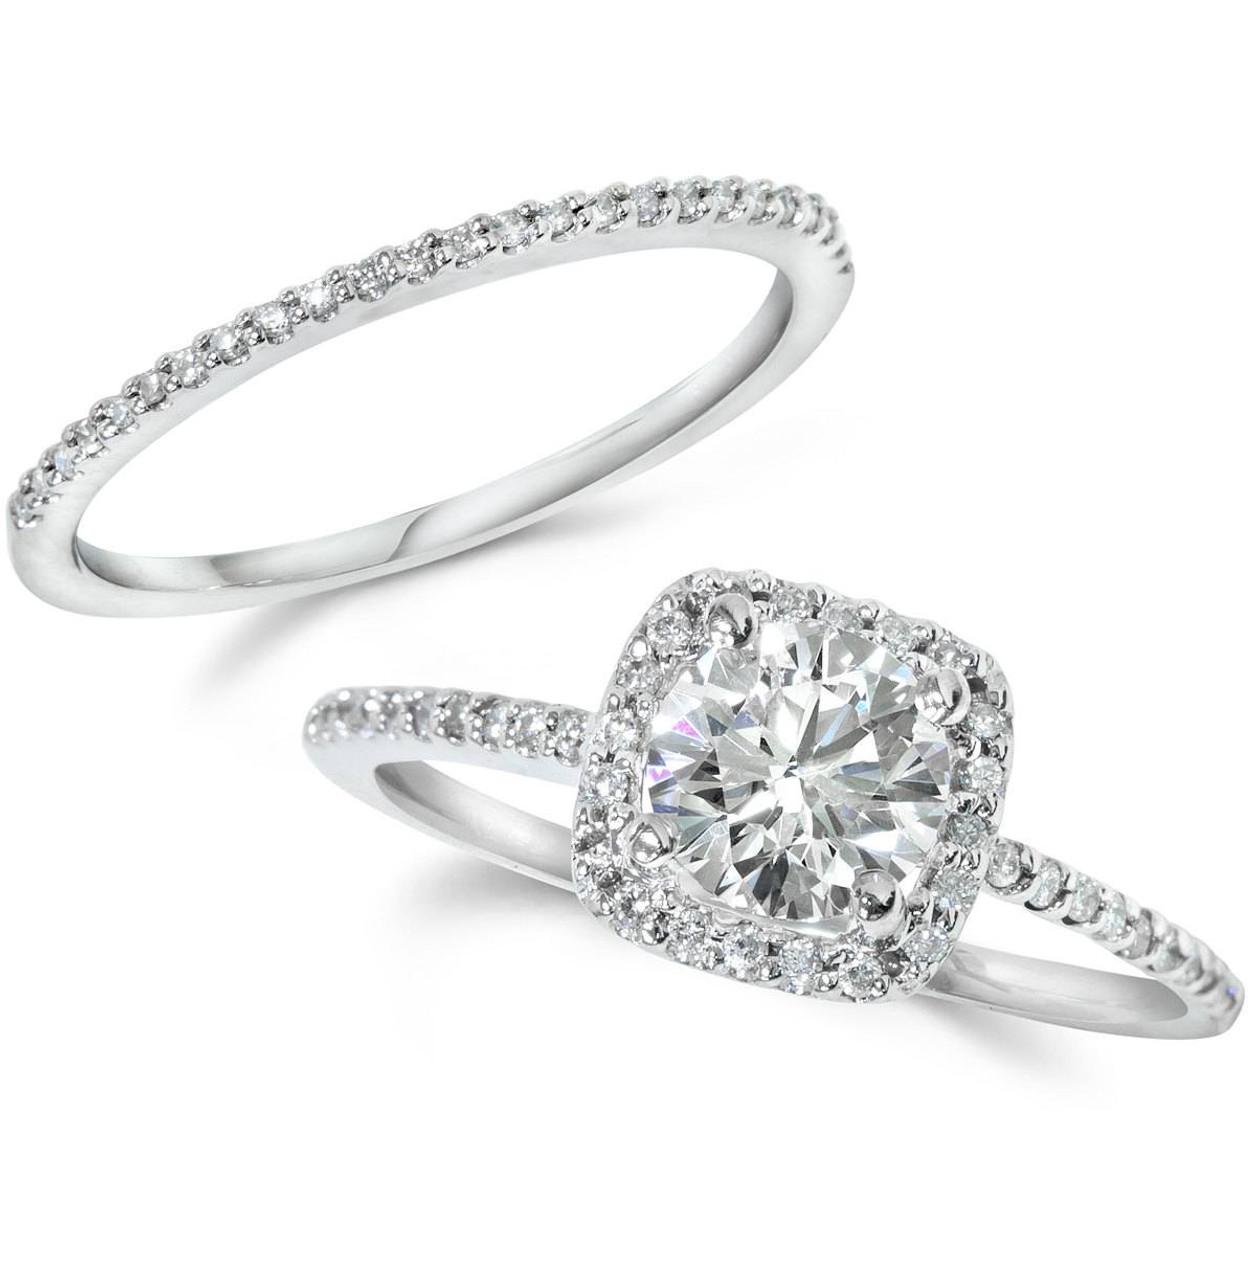 Wedding Ring Set.1ct Diamond Engagement Ring Cushion Halo Wedding Ring Set 14k White Gold H I I1